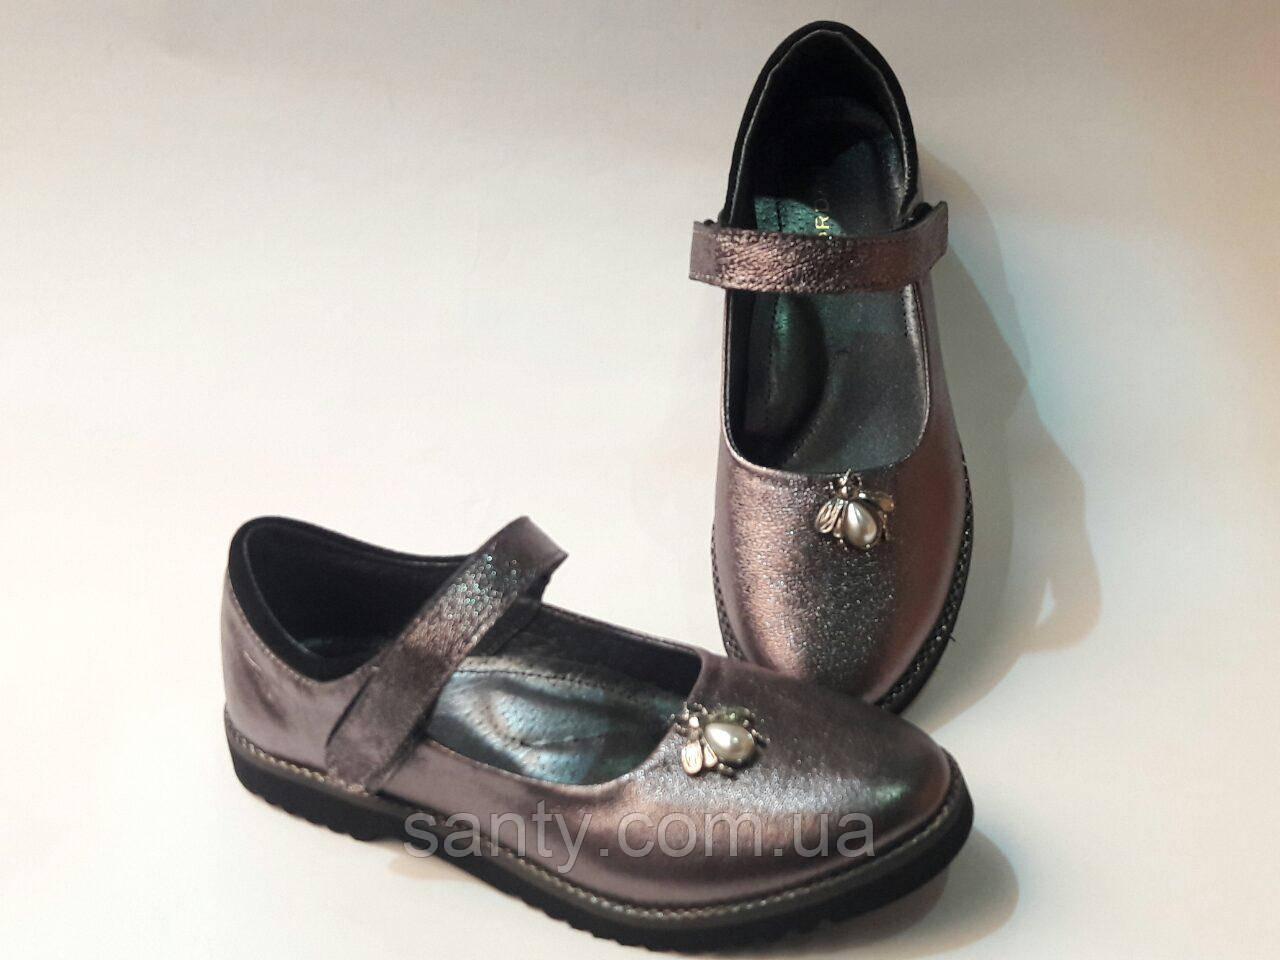 Туфли для девочки из натуральной кожи